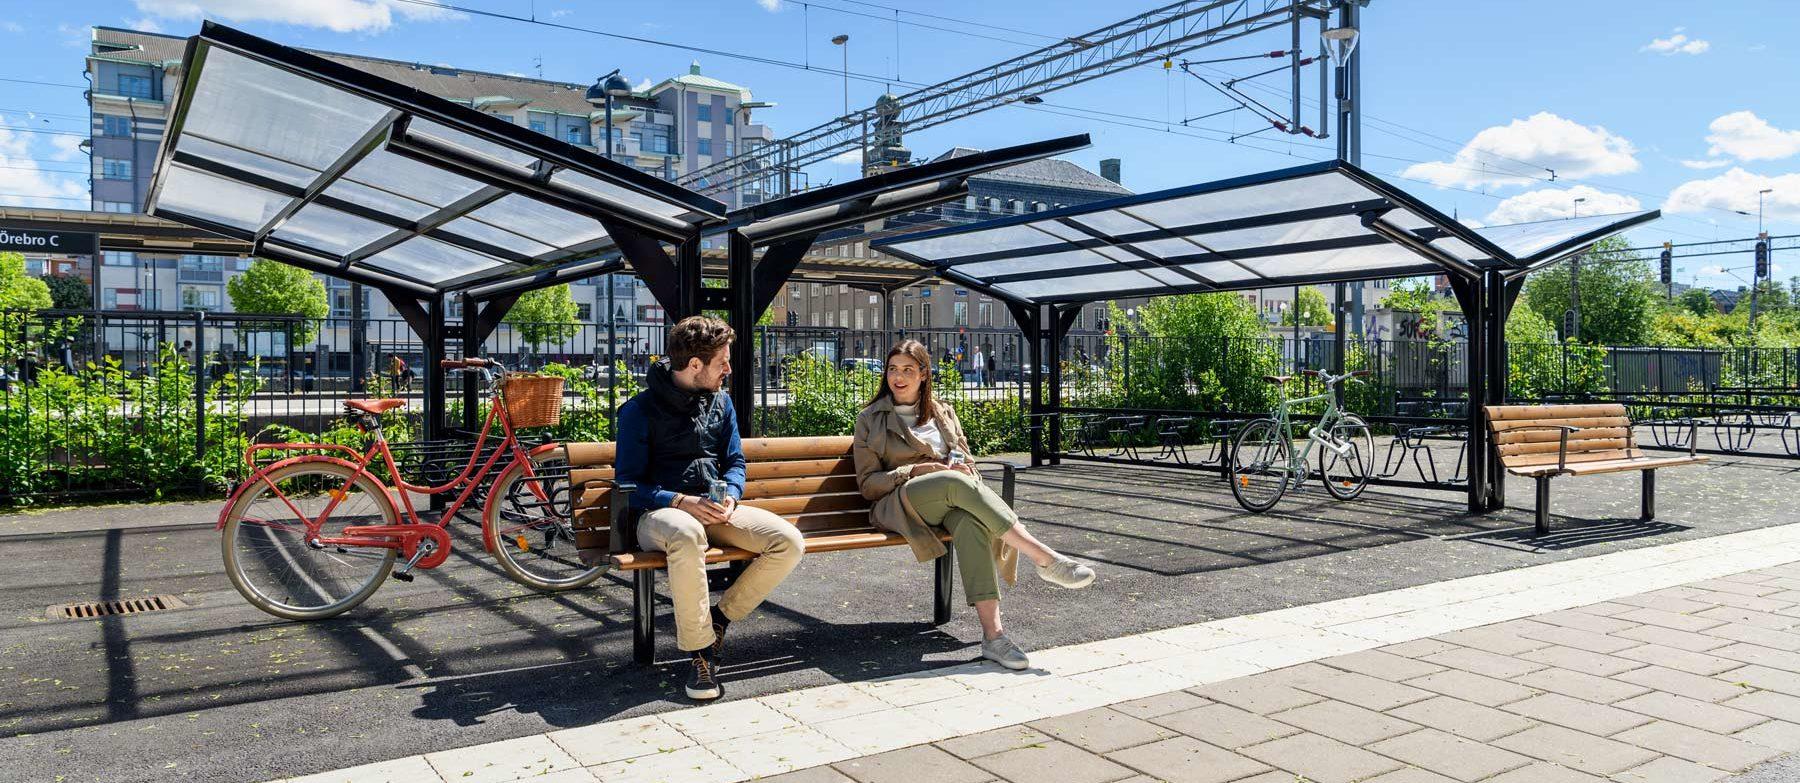 Cykeltak YPSILON med parkbänk och två studenter som pratar